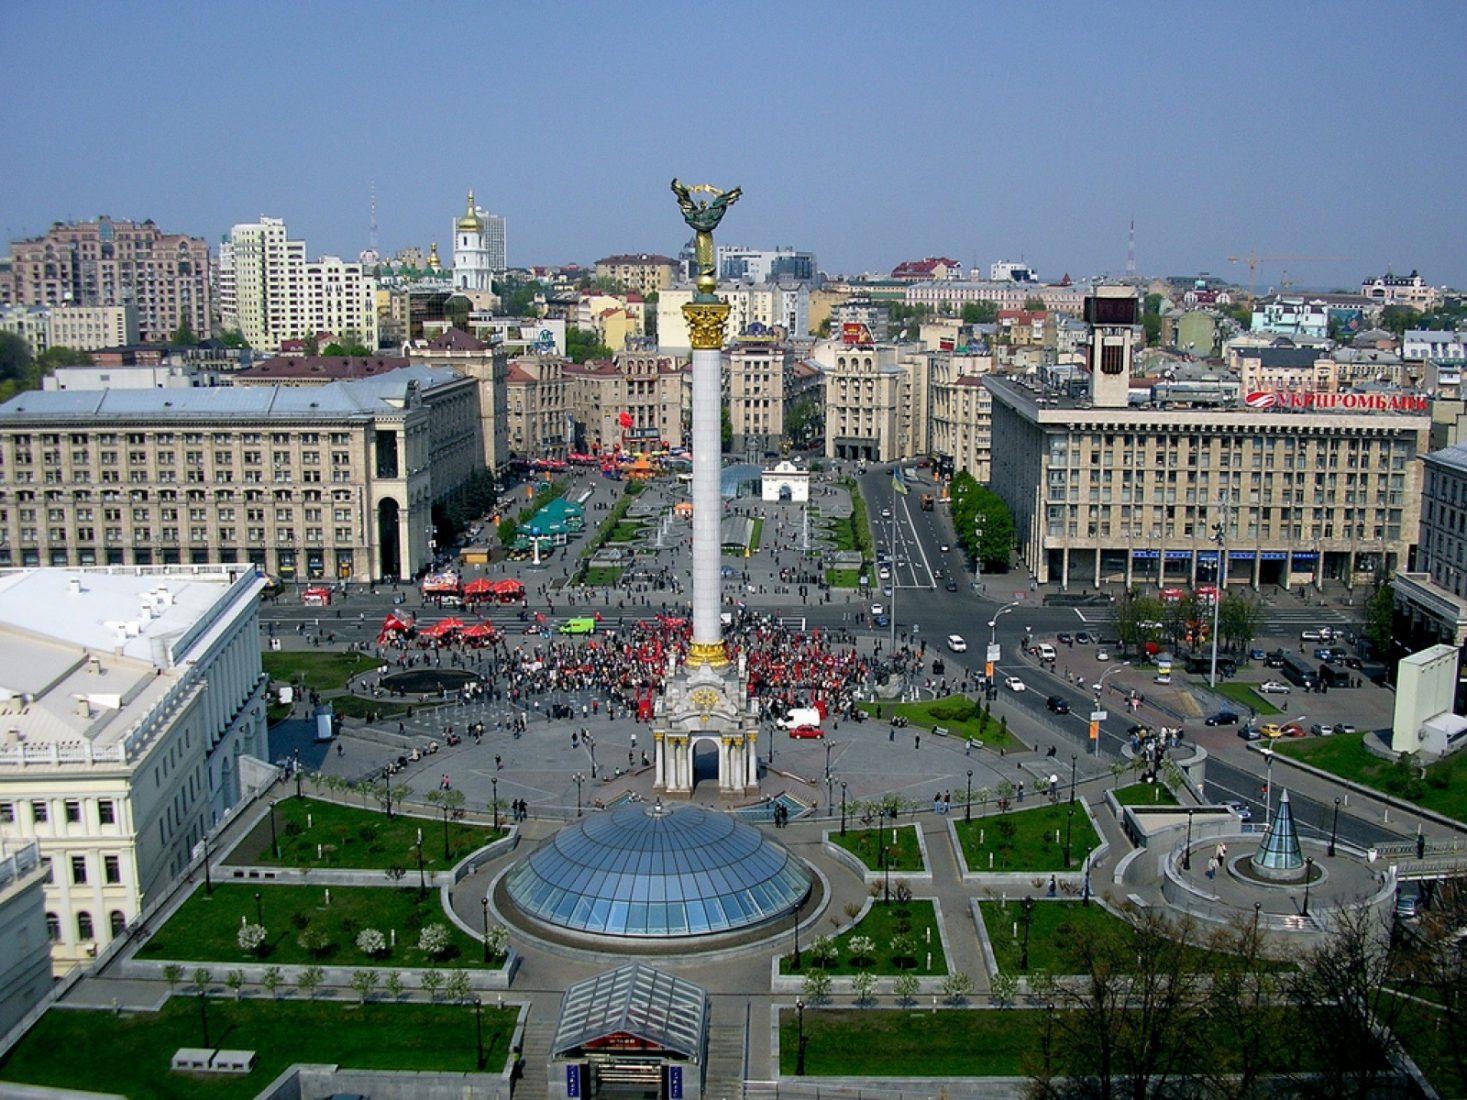 Киев картинки для детей, тюмени